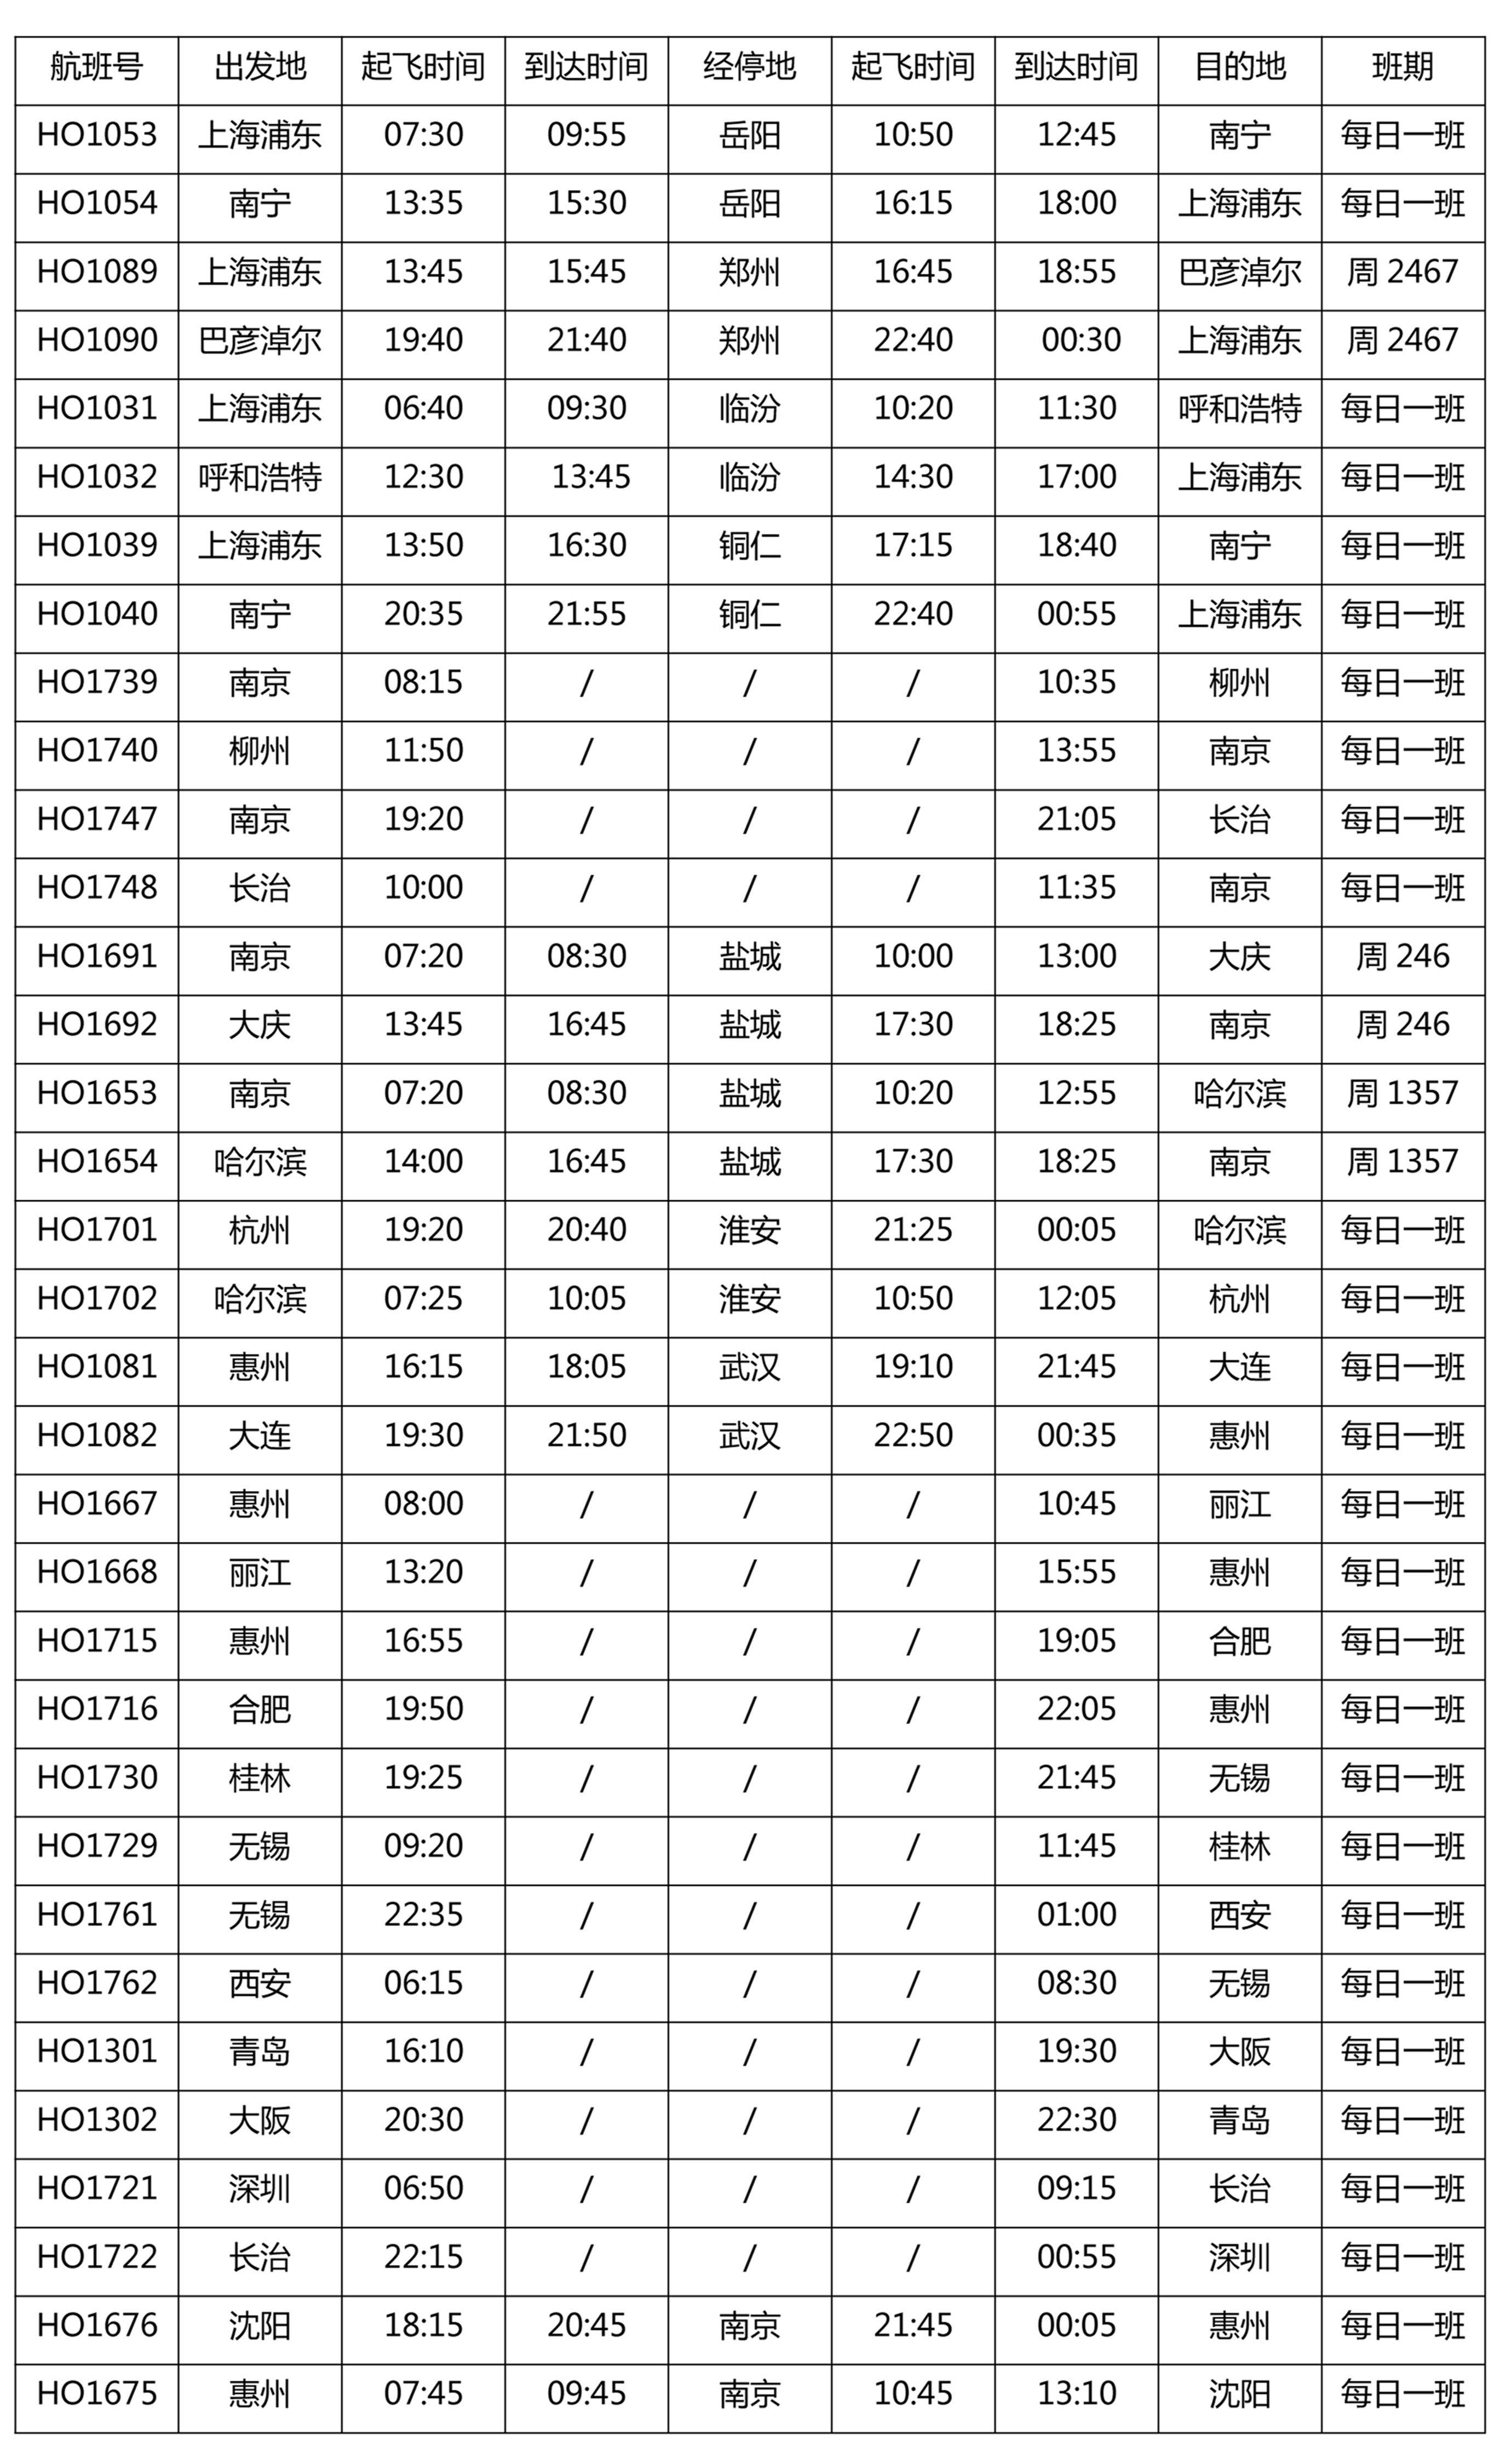 吉祥航空新开多条航线迎2019夏秋航季